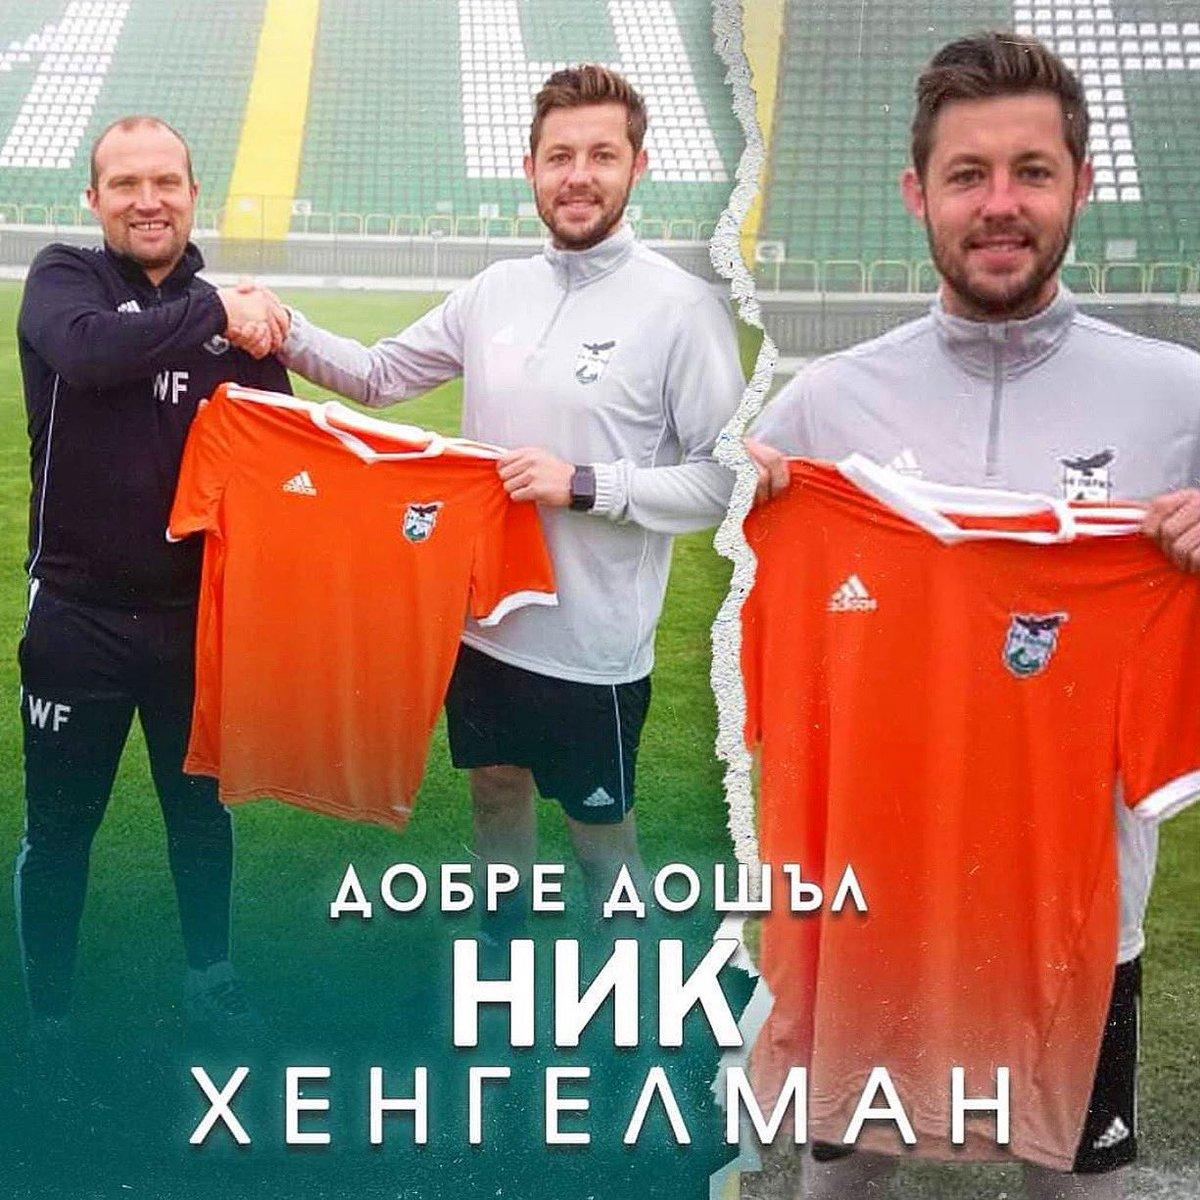 #donedeal for our goalkeeper @hengelmannick ➡️🇧🇬 #efbetliga OFC Pirin Blagoevgrad #slmfamily https://t.co/S90DpeAARq.